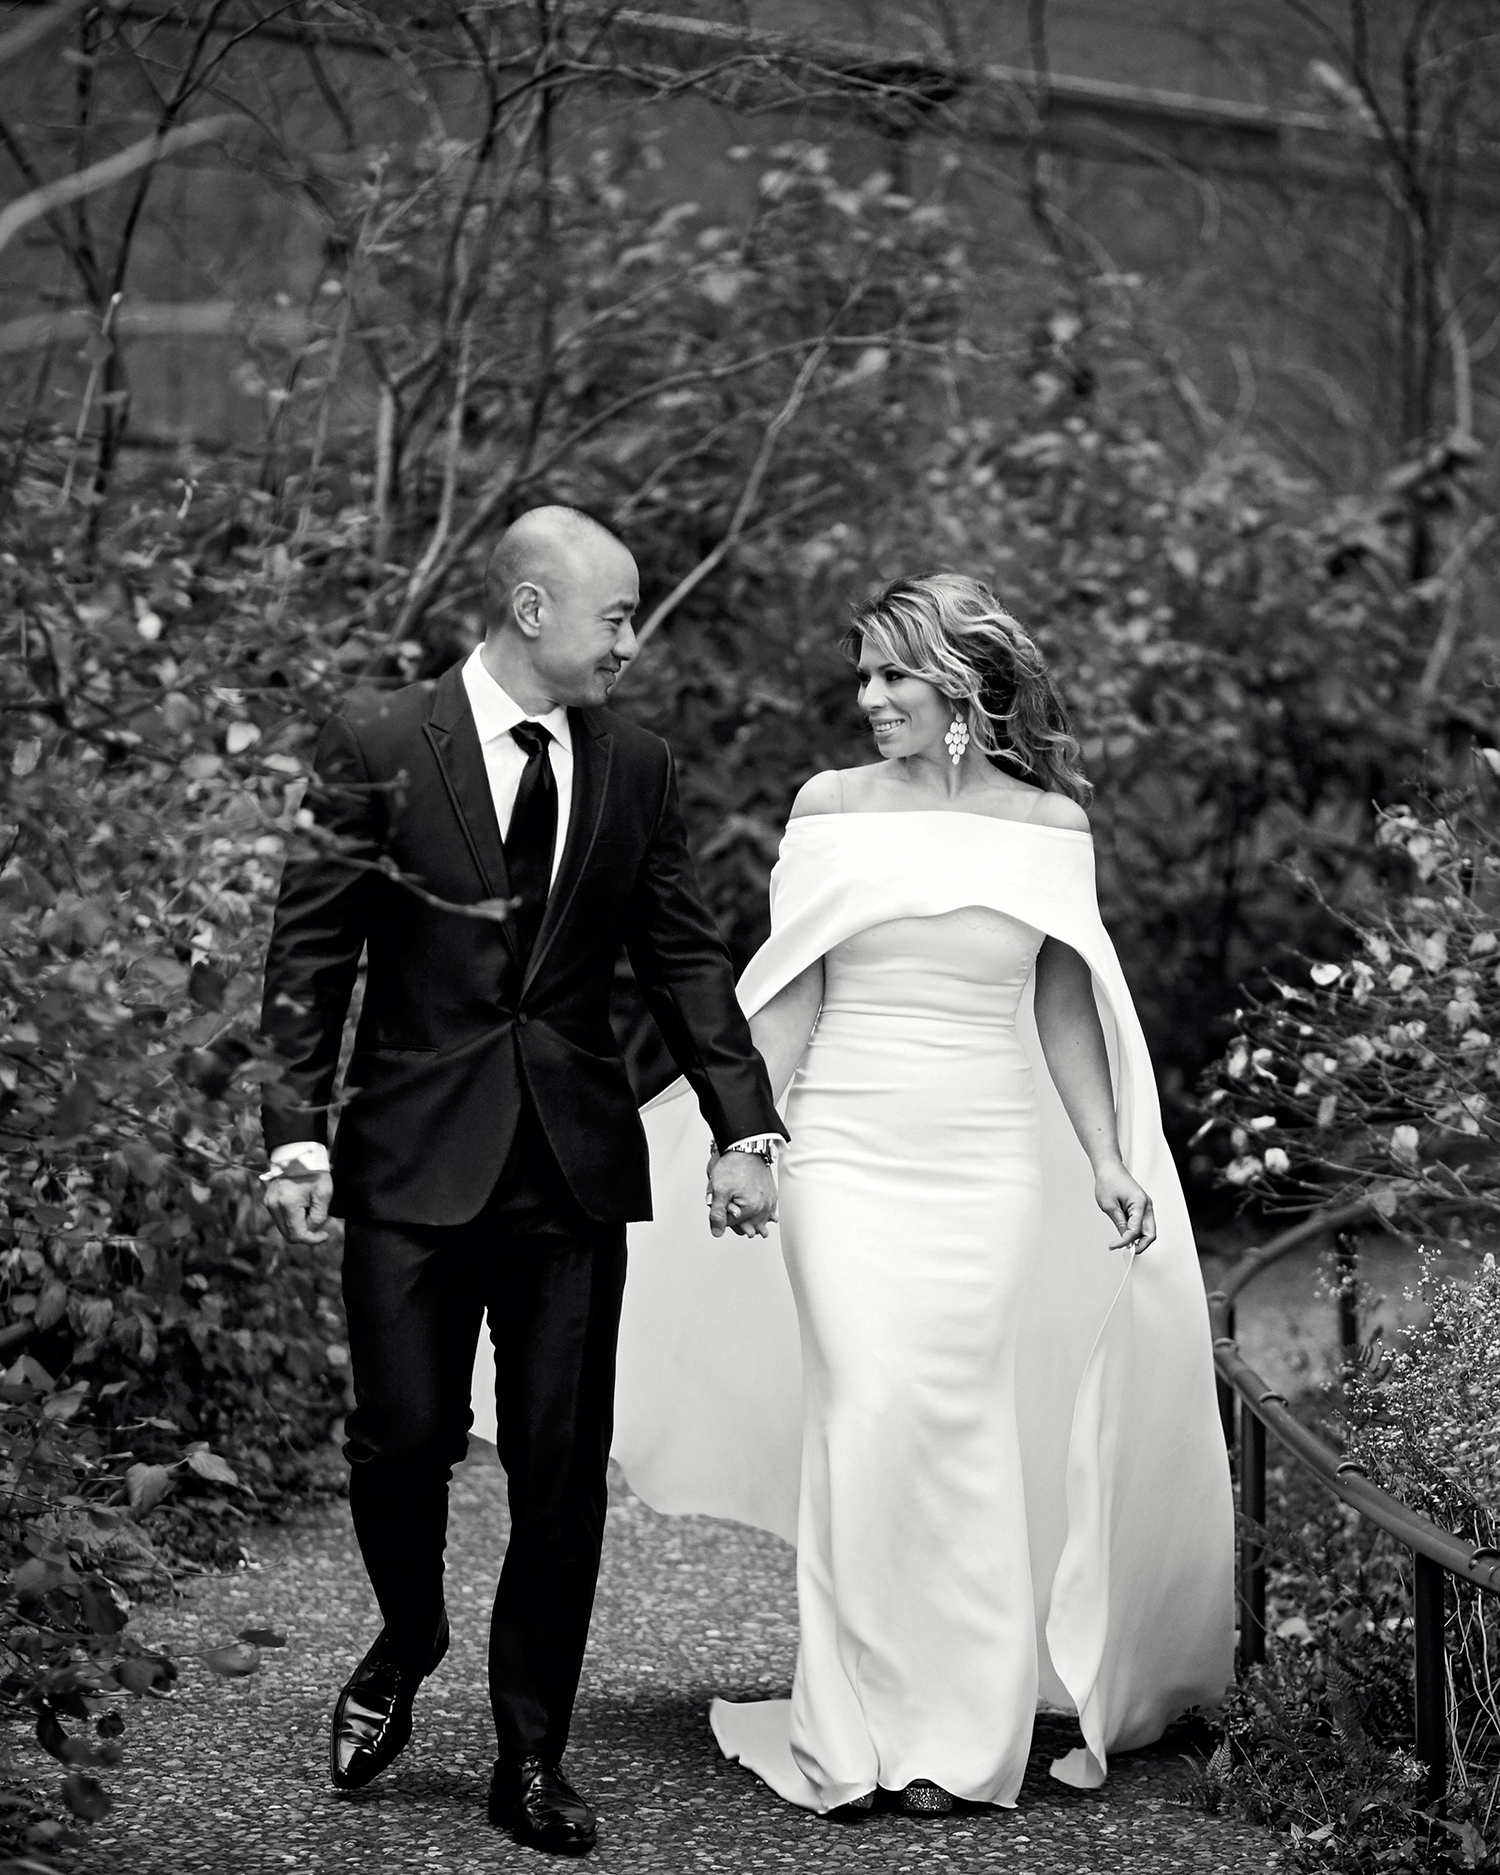 daisy eugene wedding black-and-white portrait